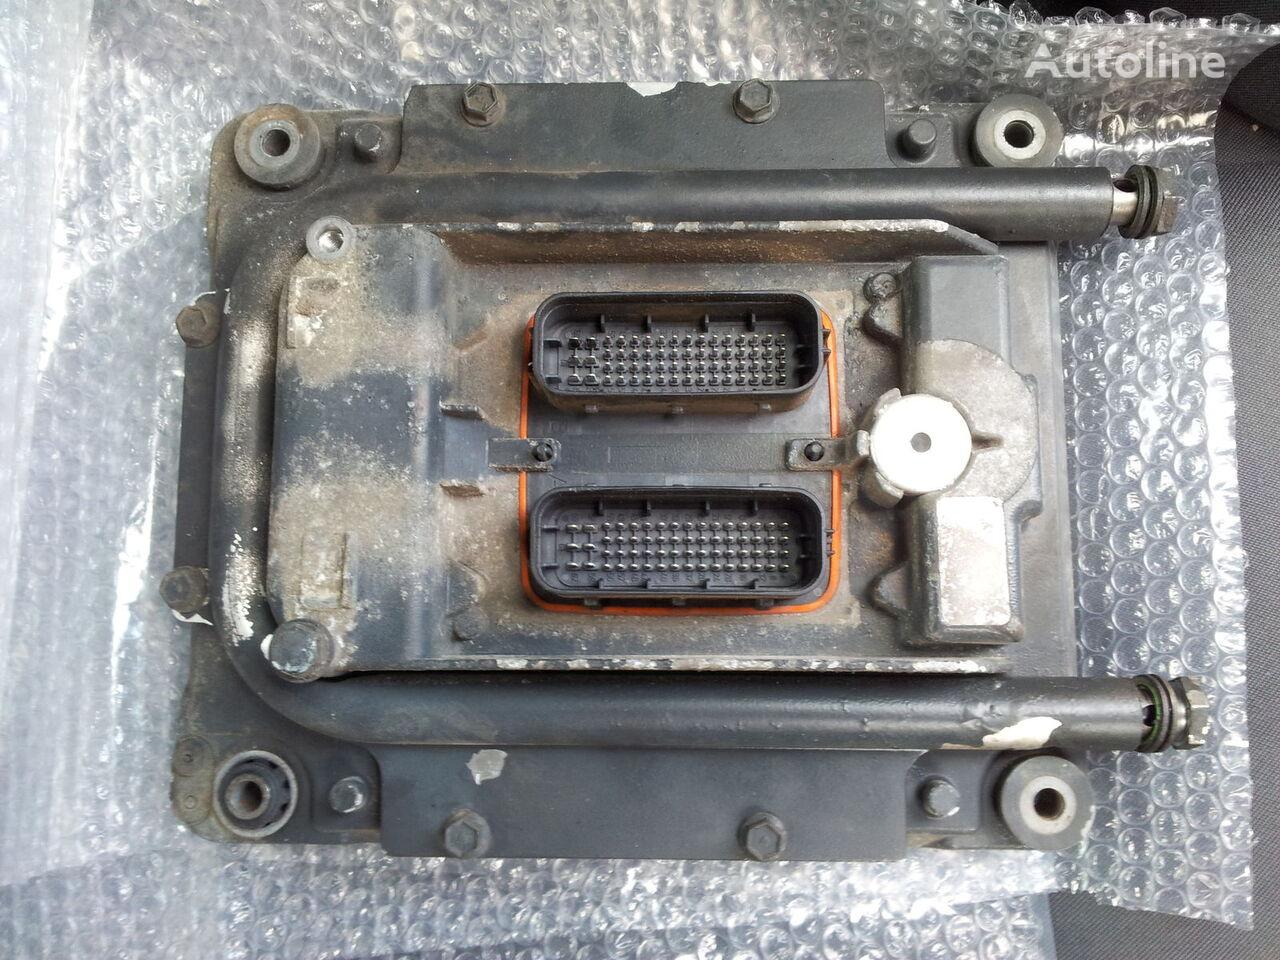 Renault Magnum DXI, engine control unit, EDC, ECU, 20977019 P03 boîte de commande pour RENAULT  Magnum DXI ECU tracteur routier